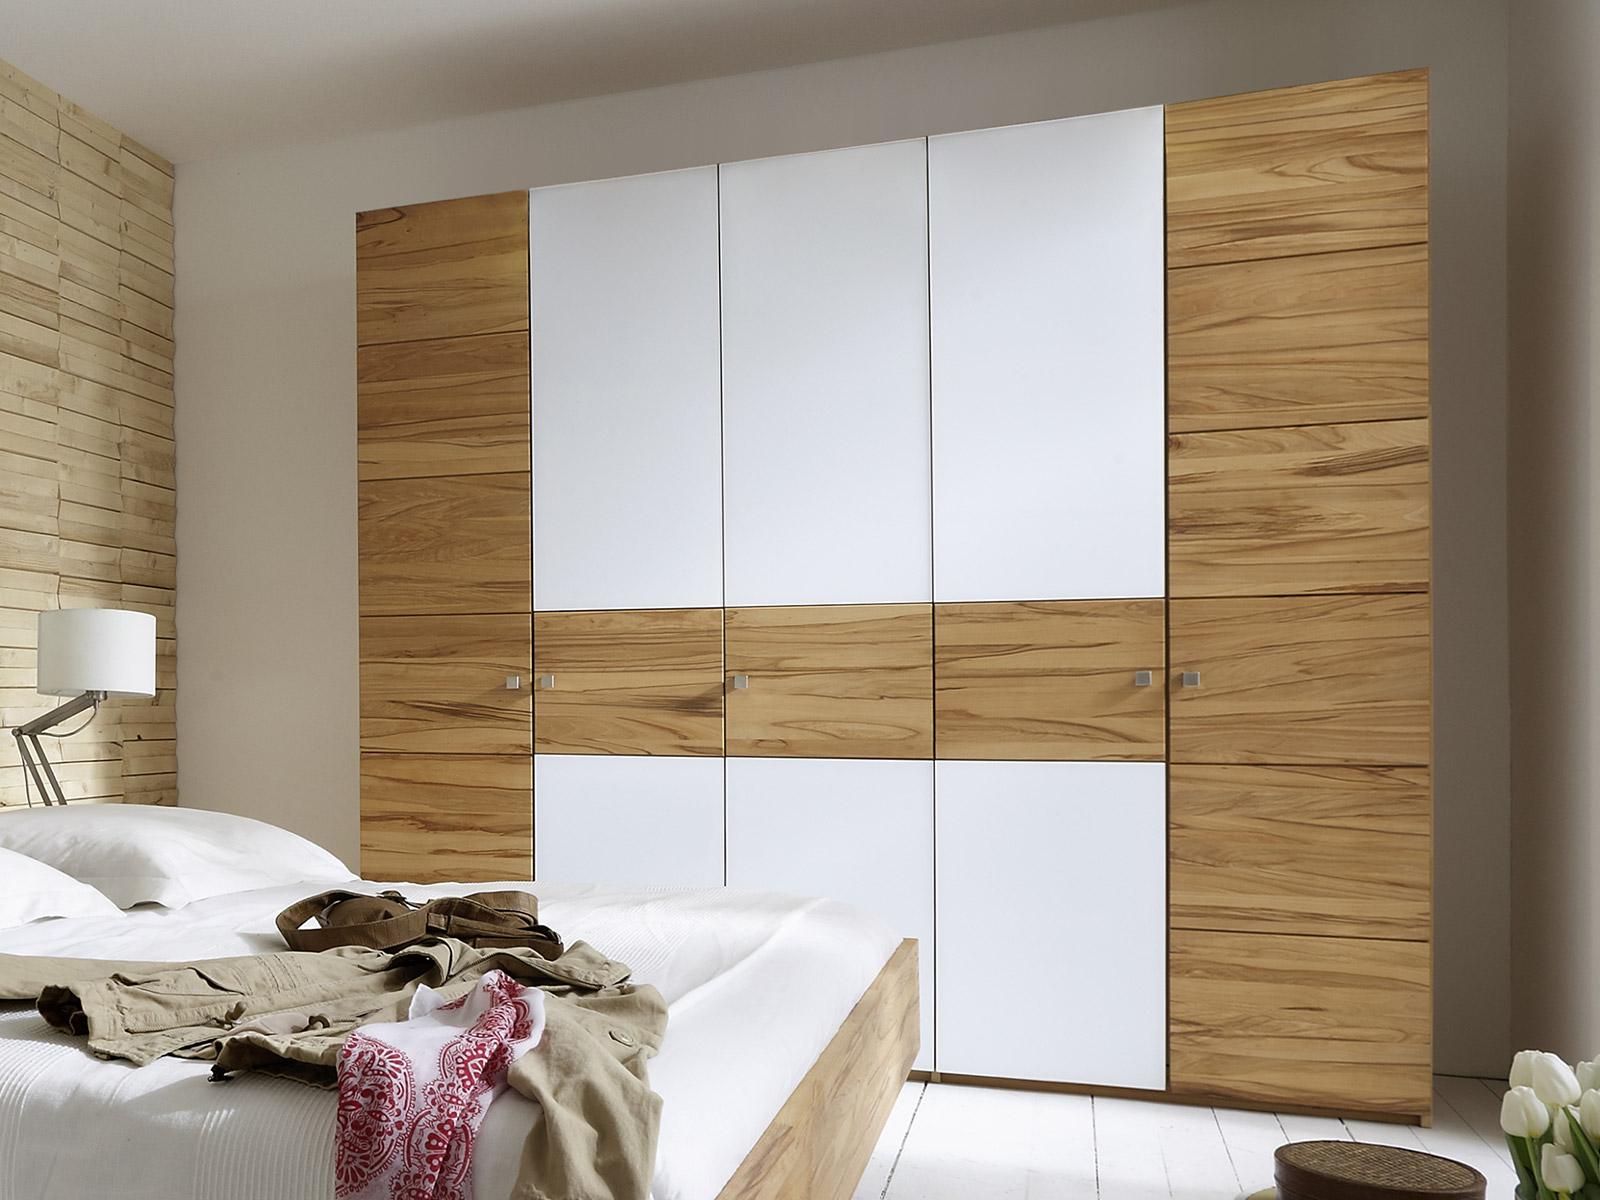 Edle Kleiderschränke günstig für Ihr Schlafzimmer | BETTEN.de